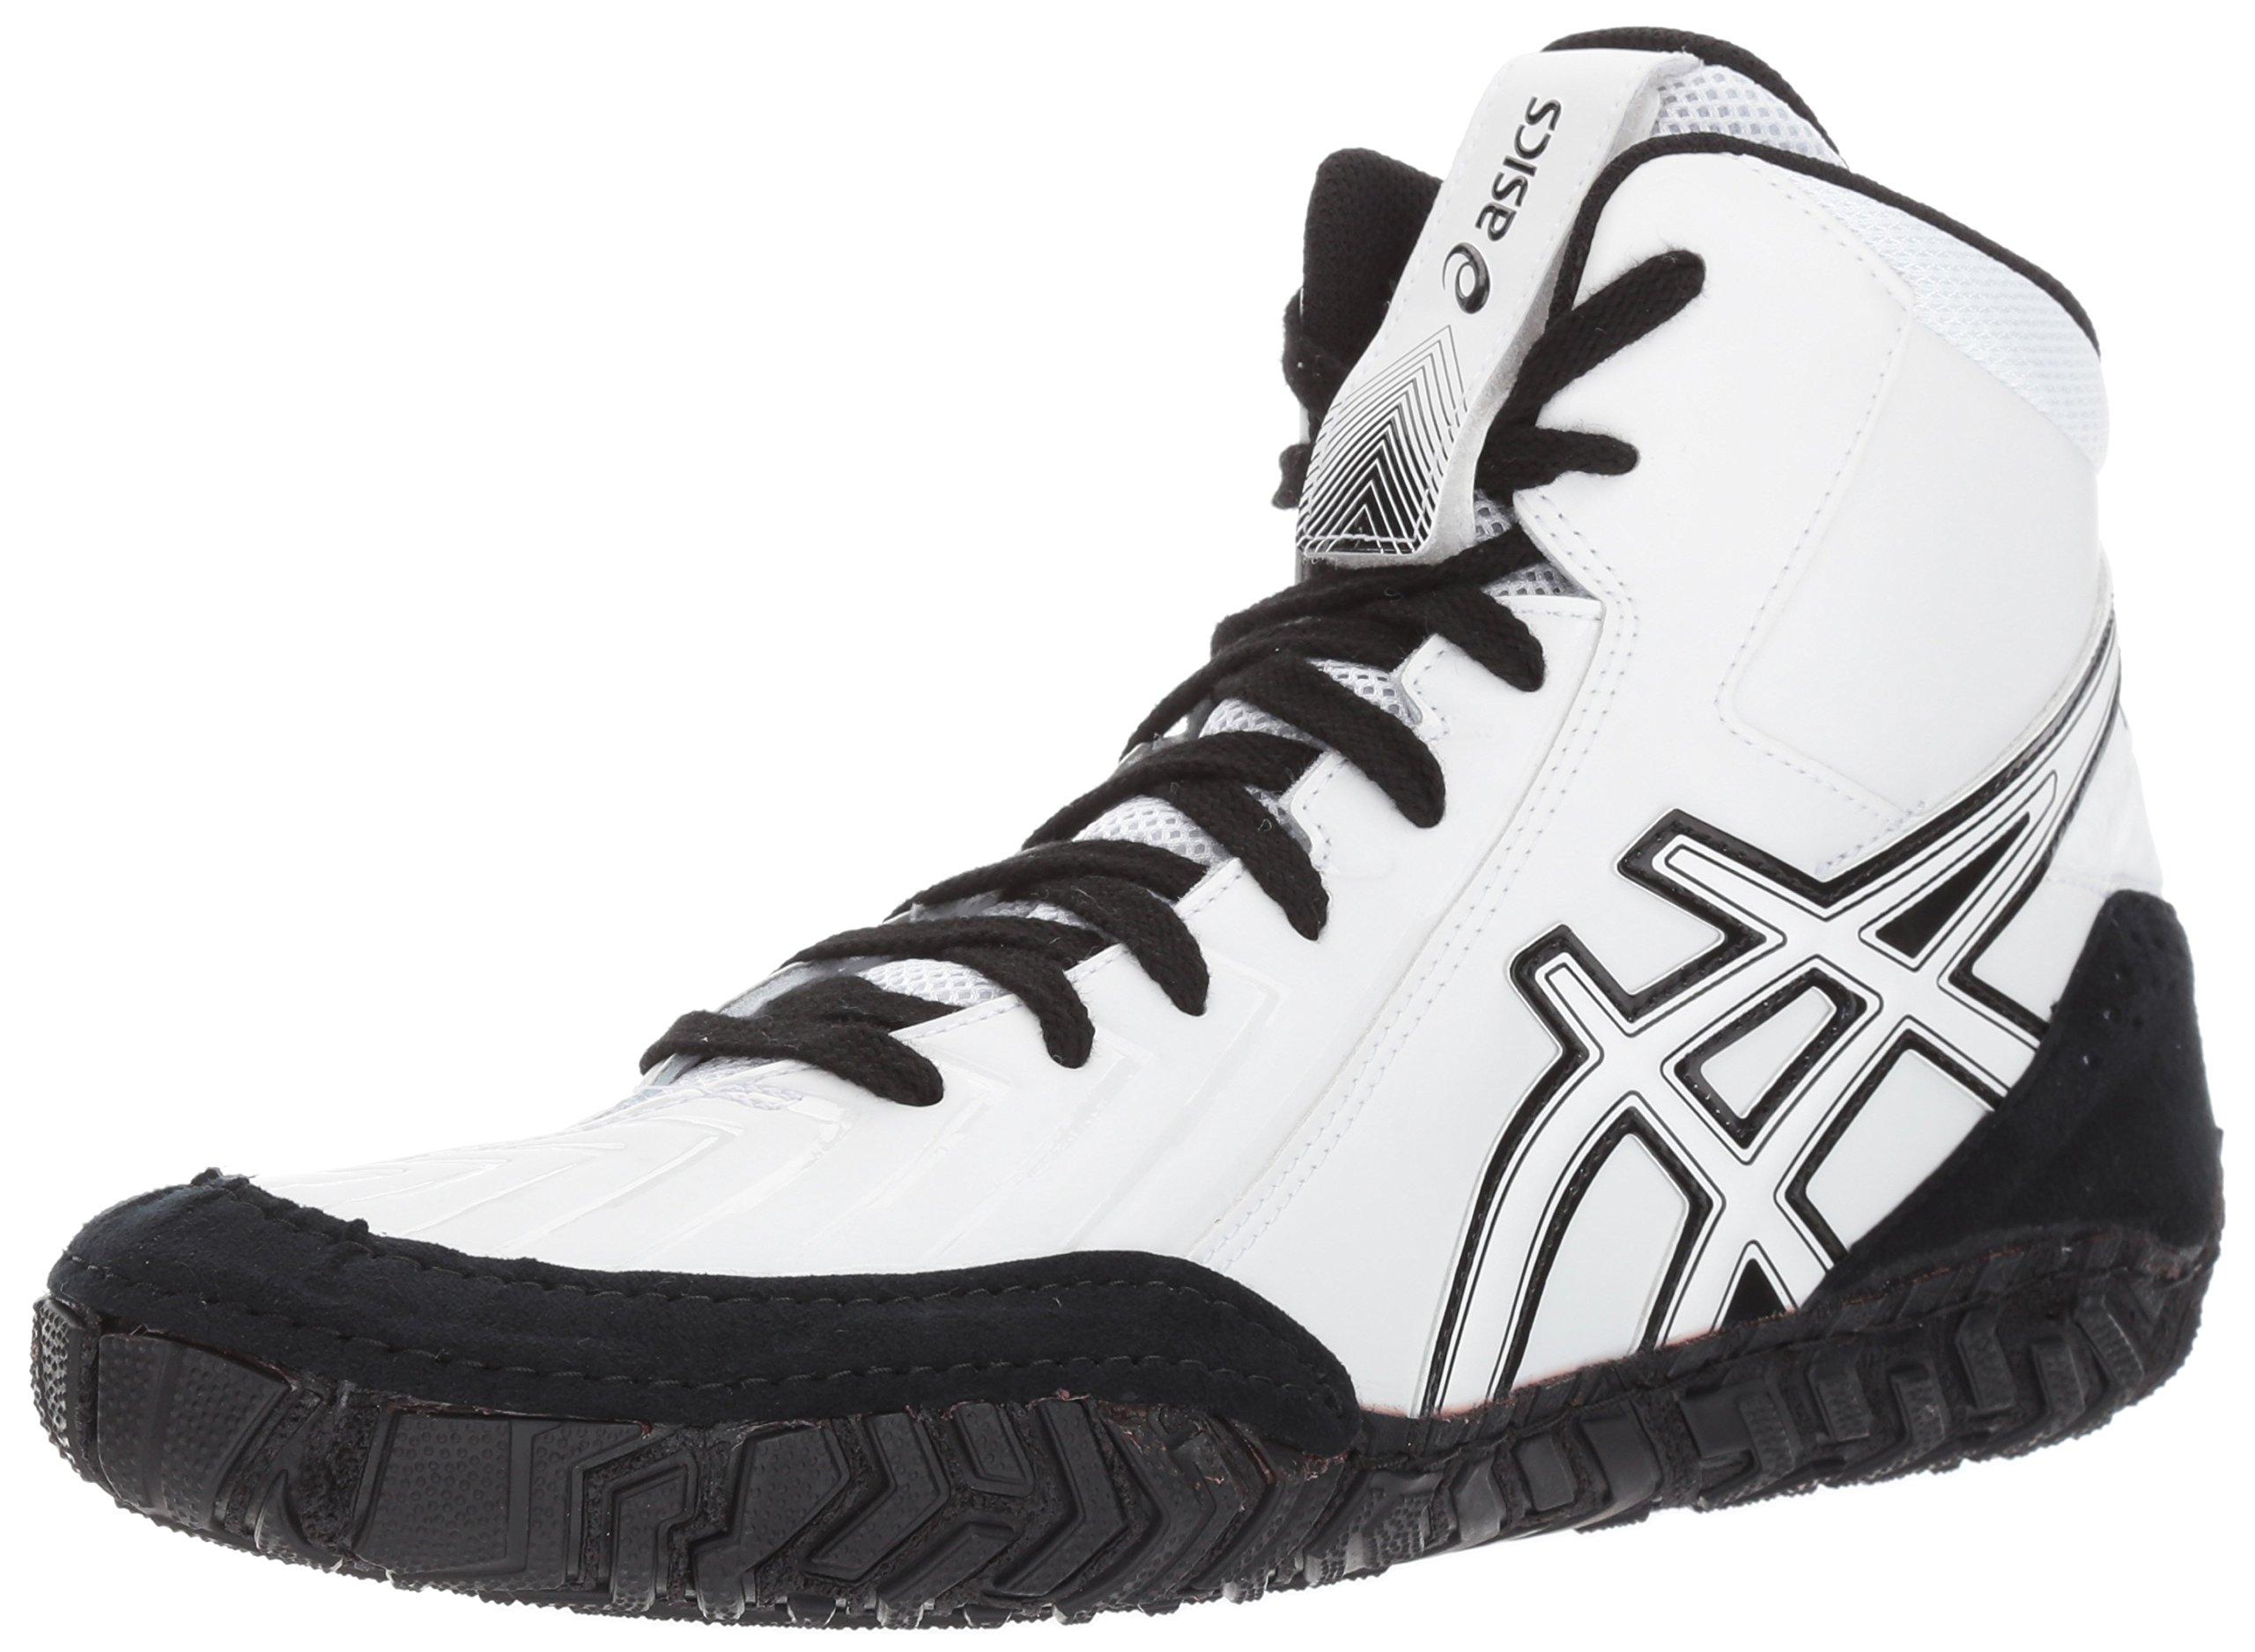 ASICS Men's Aggressor 3 Wrestling Shoe, White/White/Black, 15 Medium US by ASICS